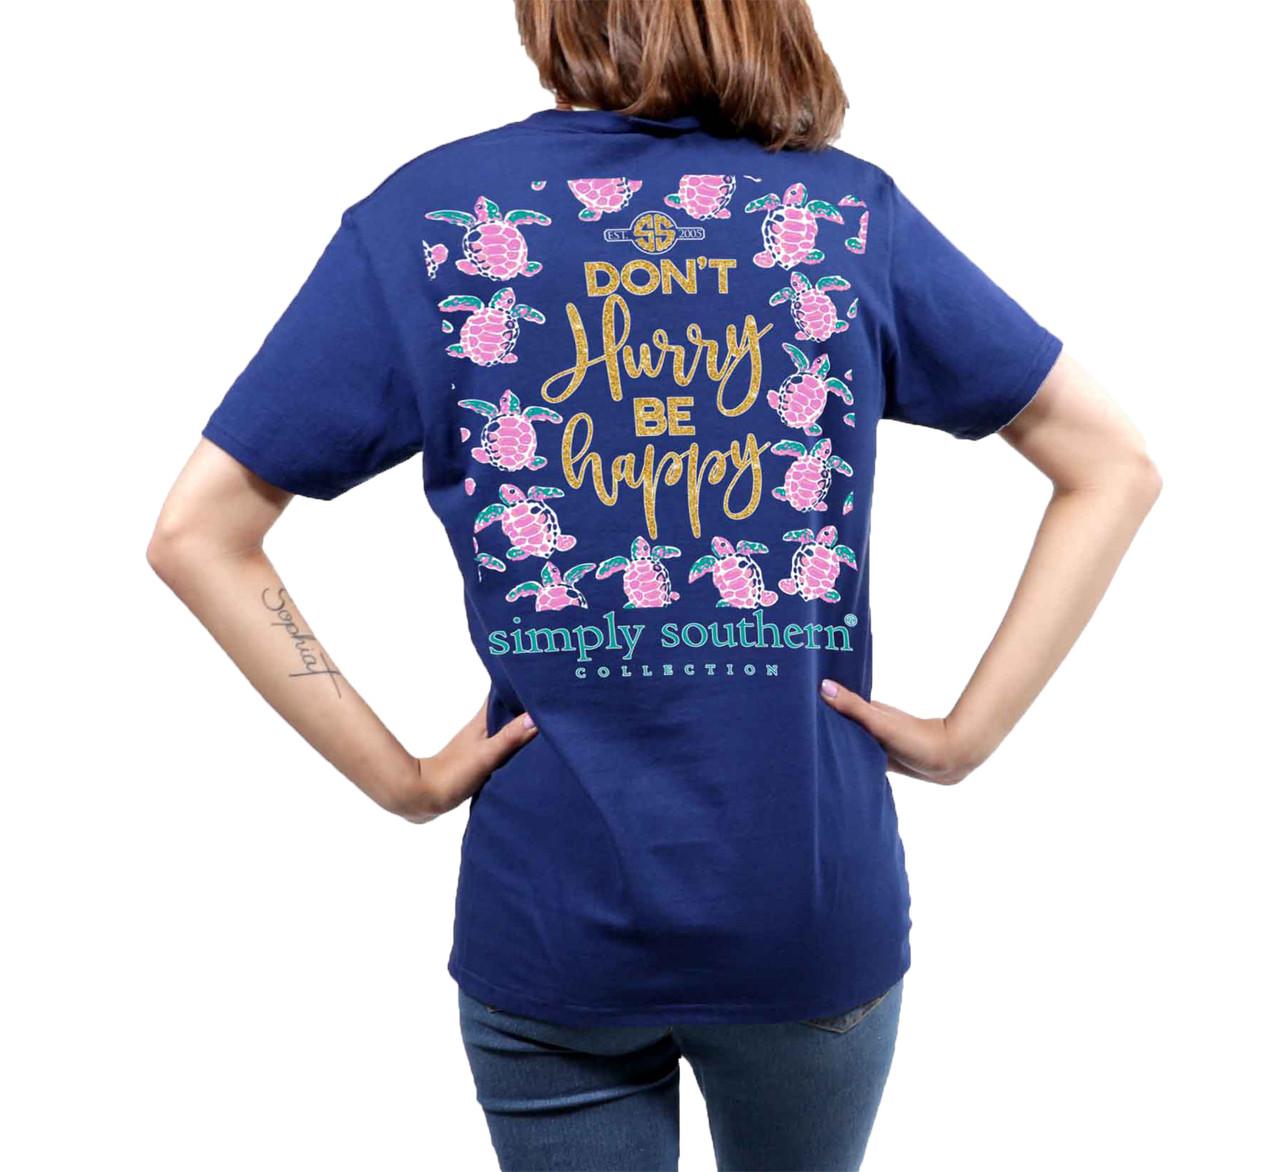 c6db299c0b53 Simply Southern Youth Don't Hurry Short Sleeve Pocket T-shirt - Trenz Shirt  Company